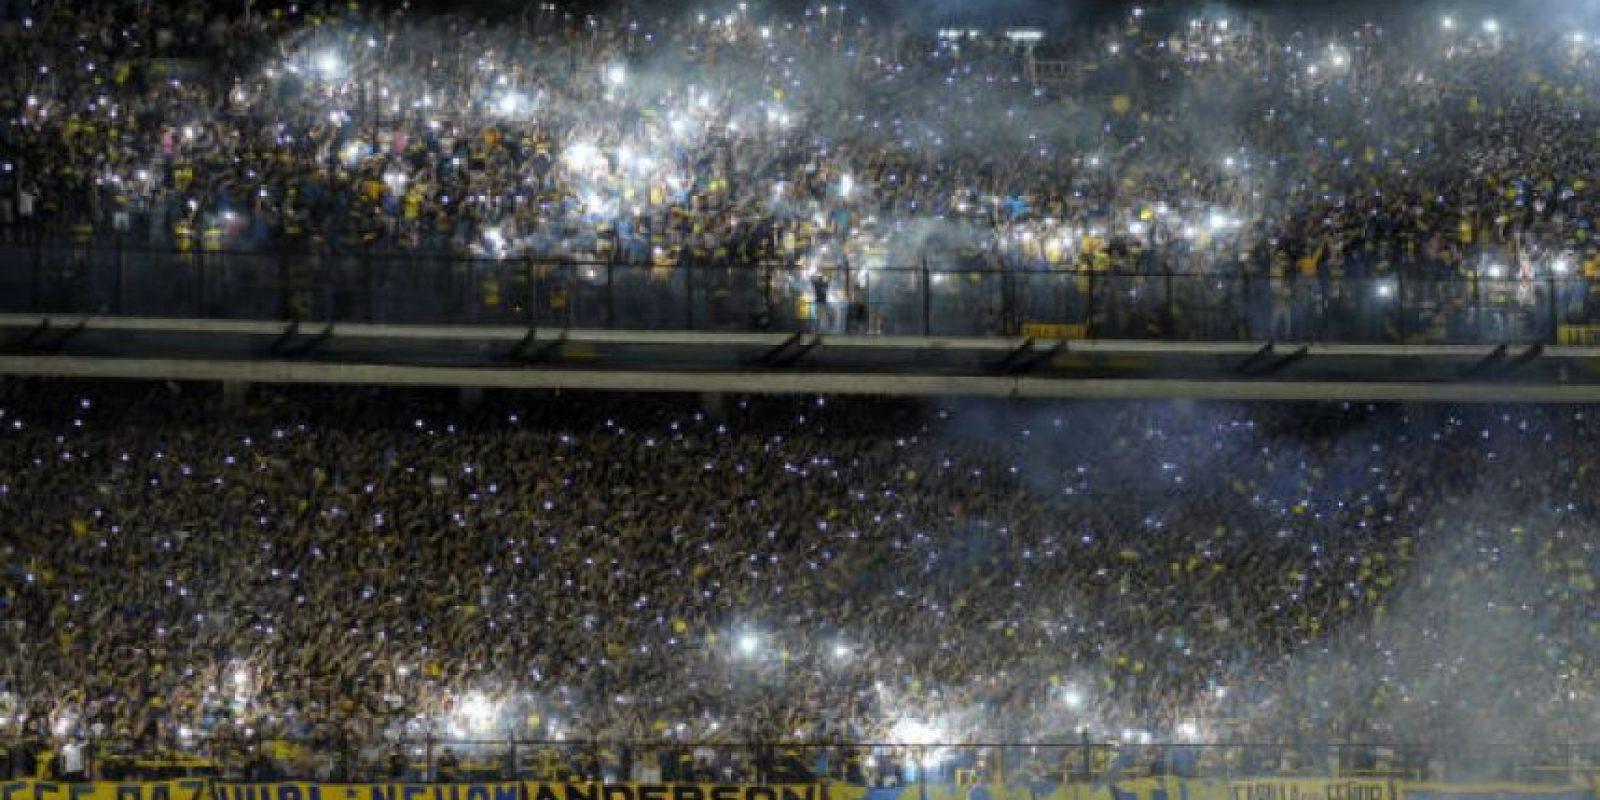 Así recibió la afición del Boca Juniors a su equipo en La Bombonera, en el clásico ante River Plate. Foto:AFP